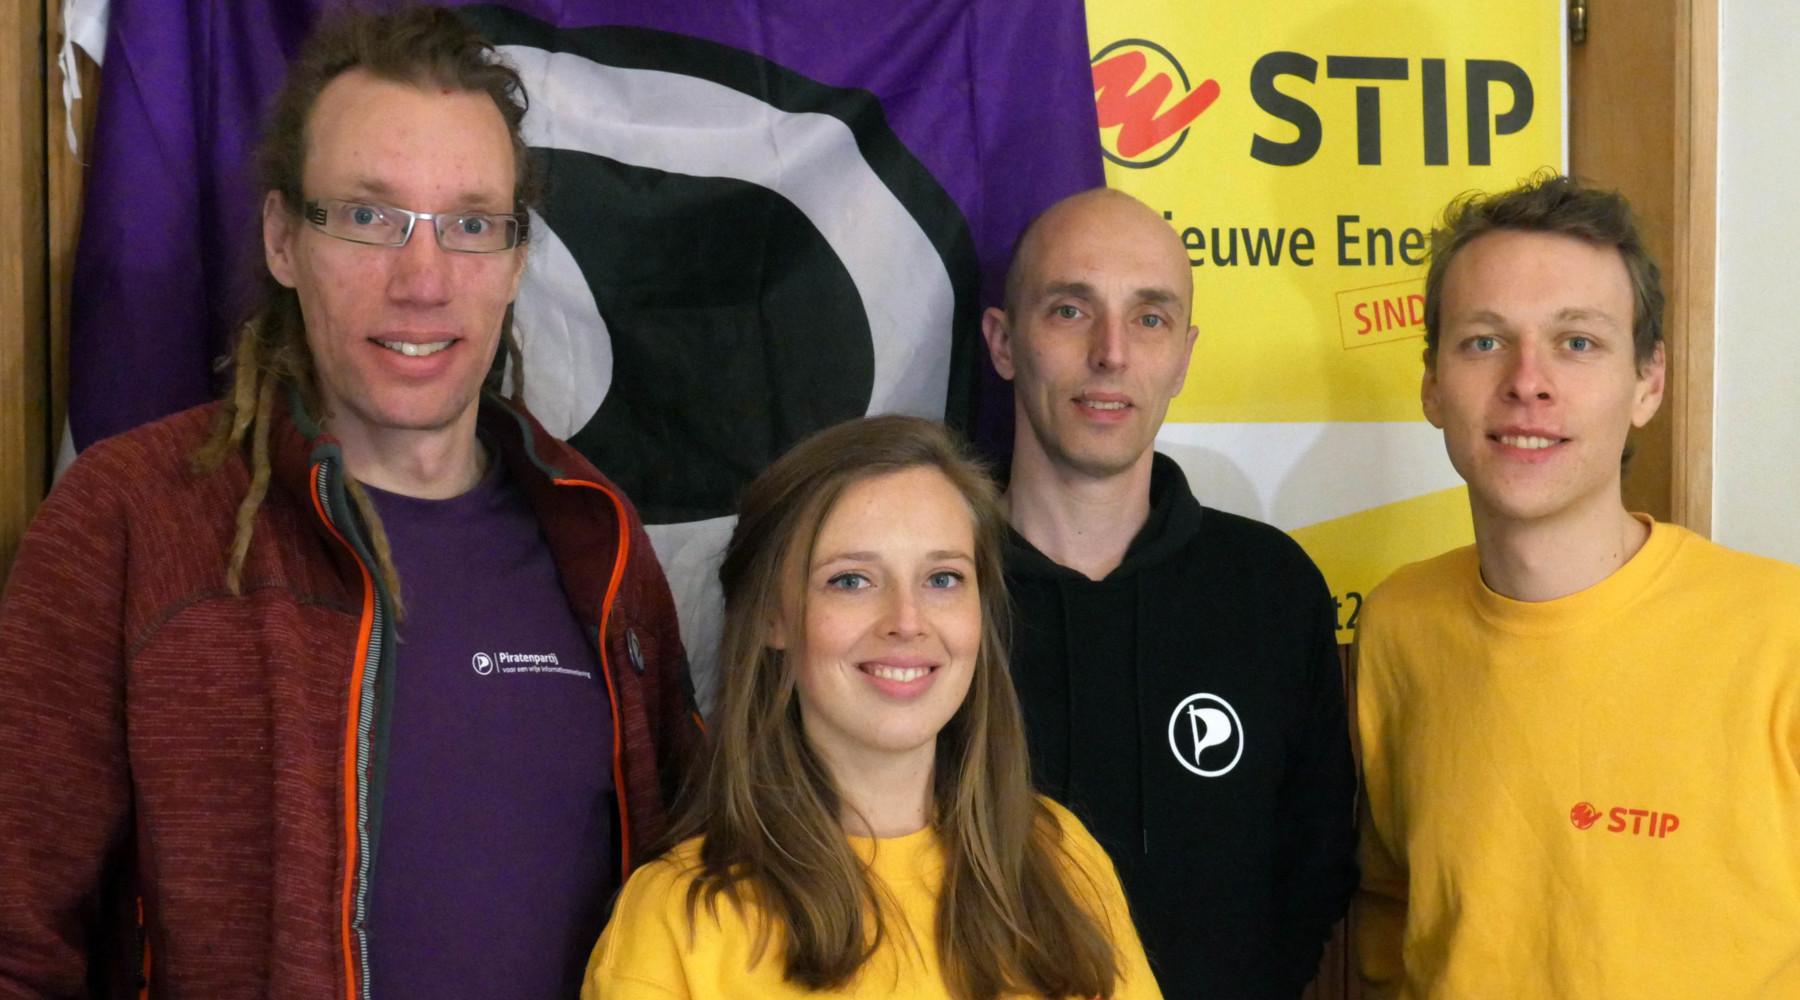 Piratenpartij Delft Stip samenwerking